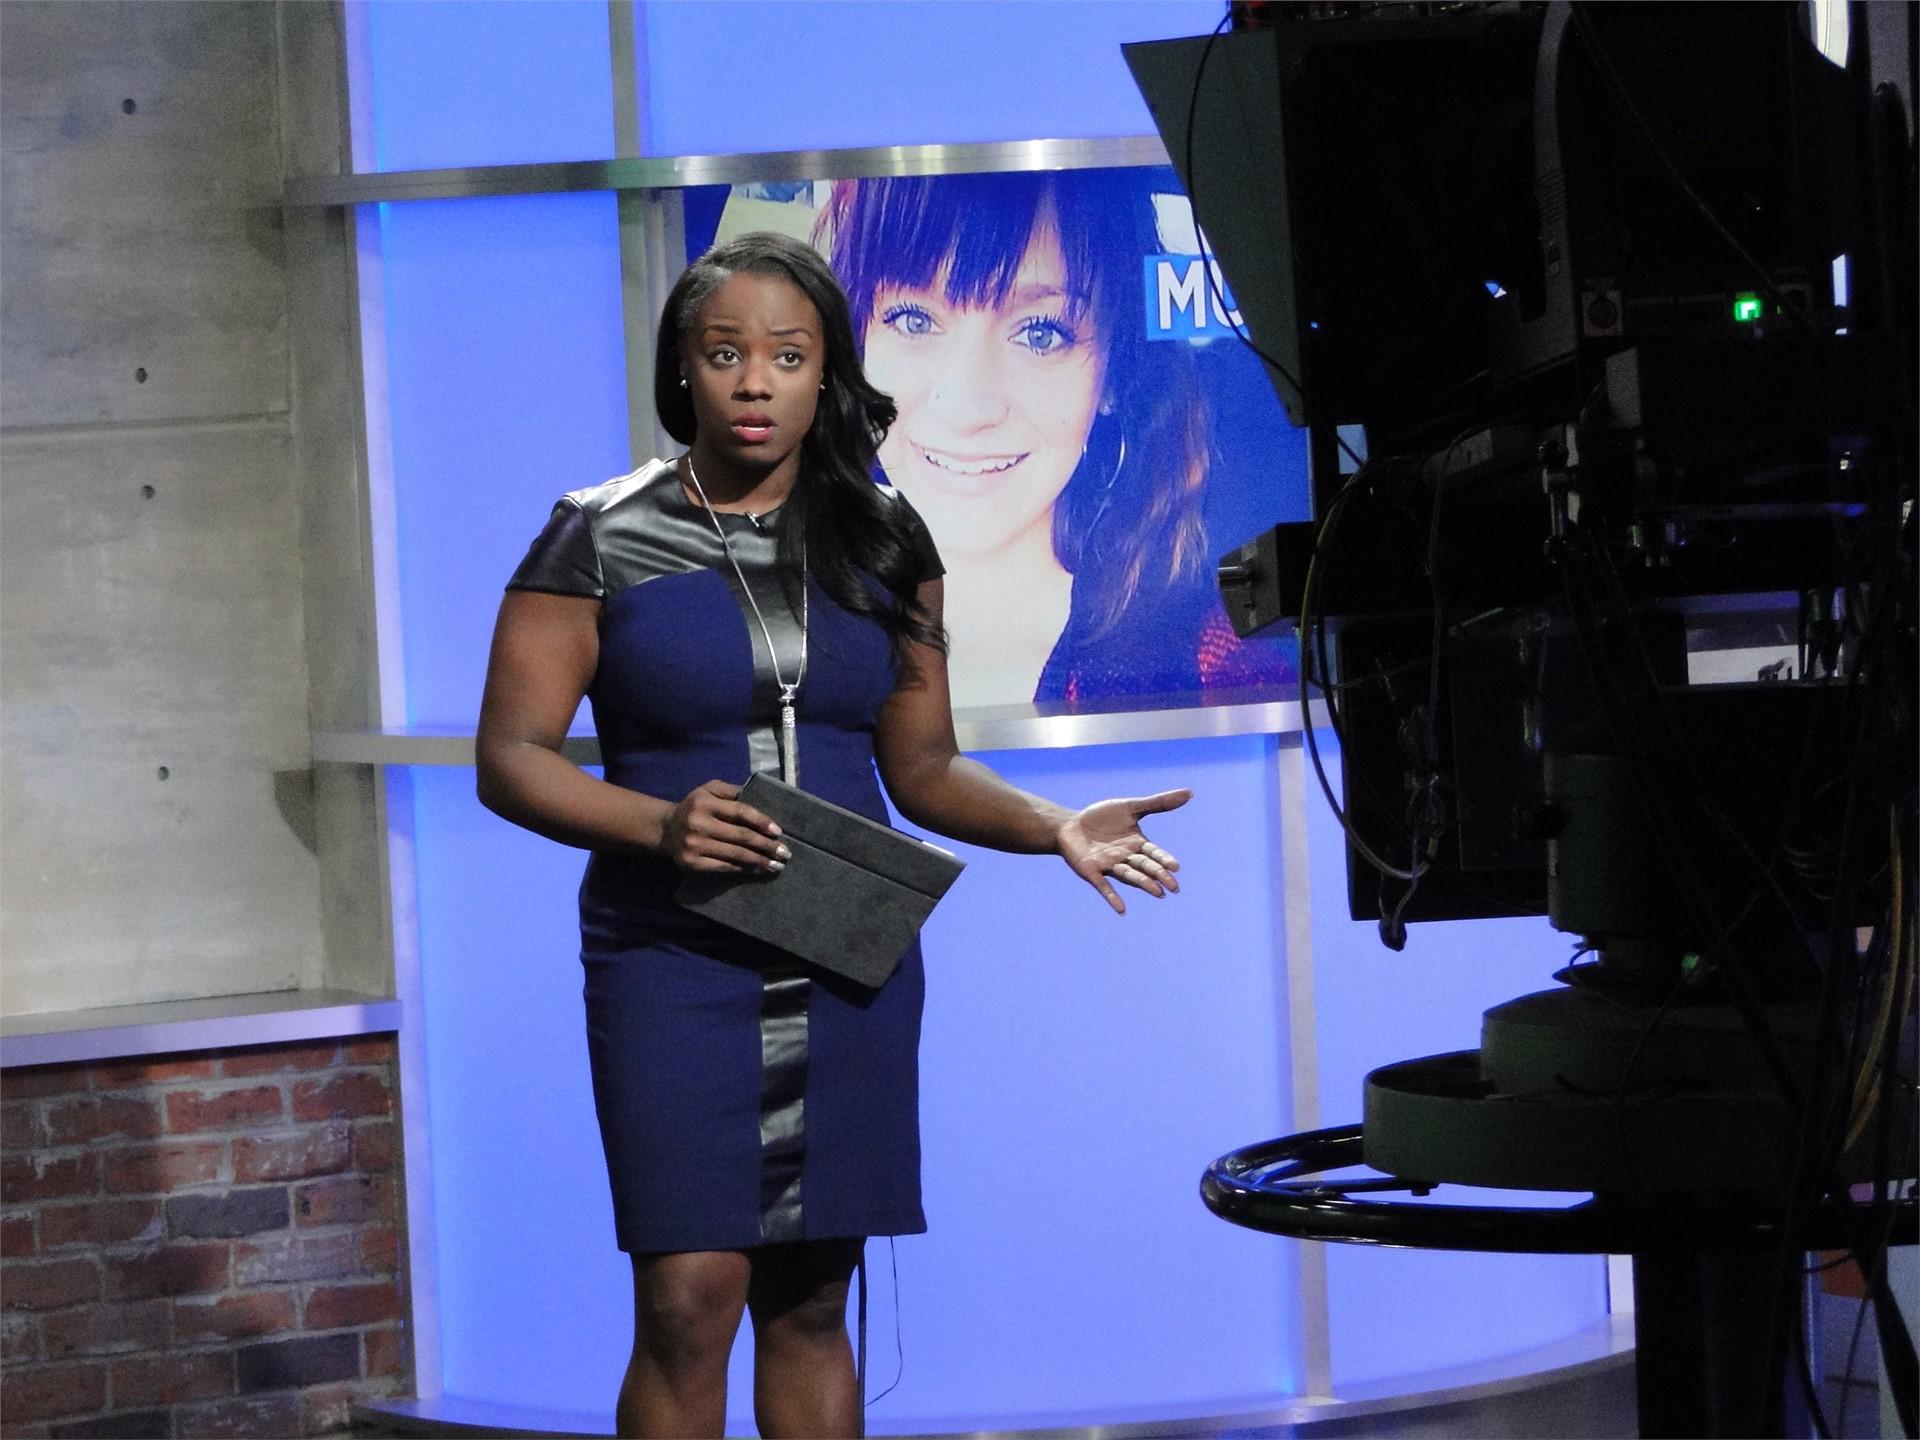 Tia Ewing, anchor